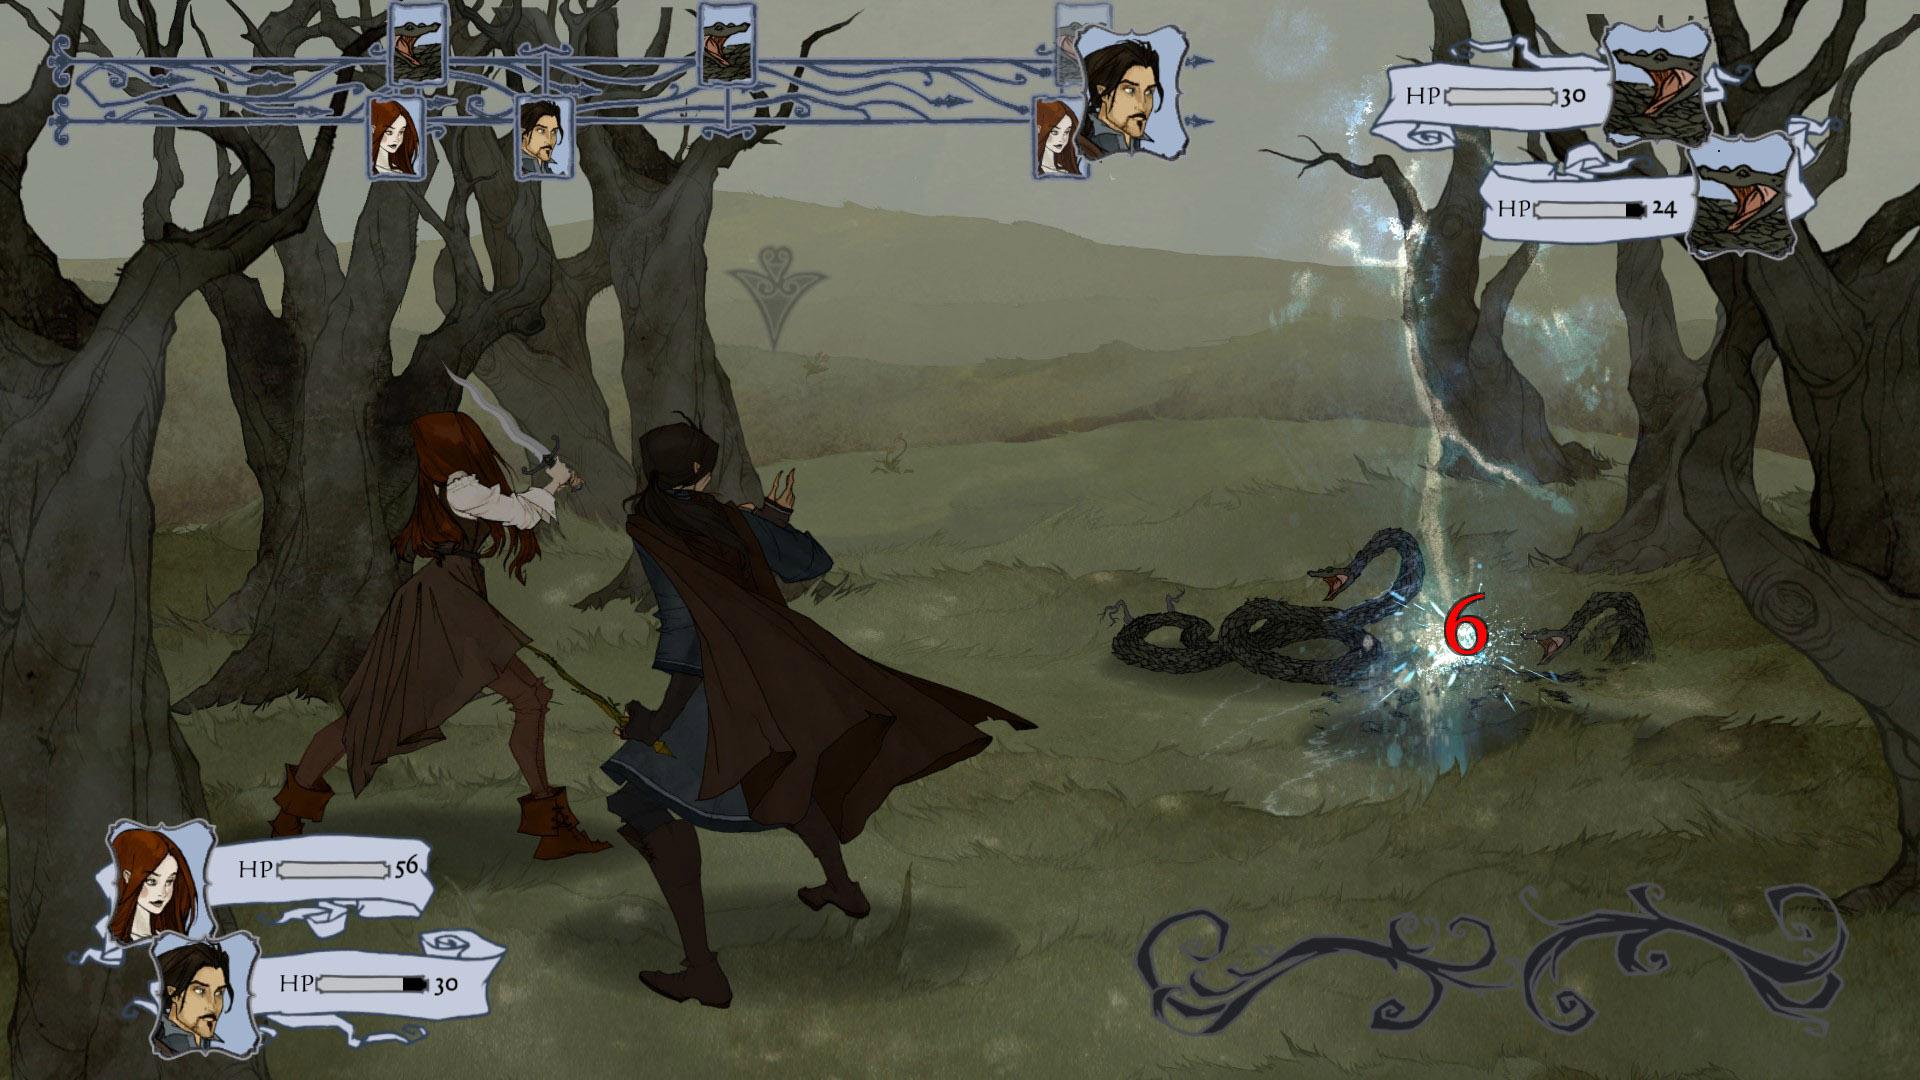 Marcus dà prova delle sue abilità magiche colpendo abilmente i minacciosi serpenti che si parano davanti ai nostri due protagonisti